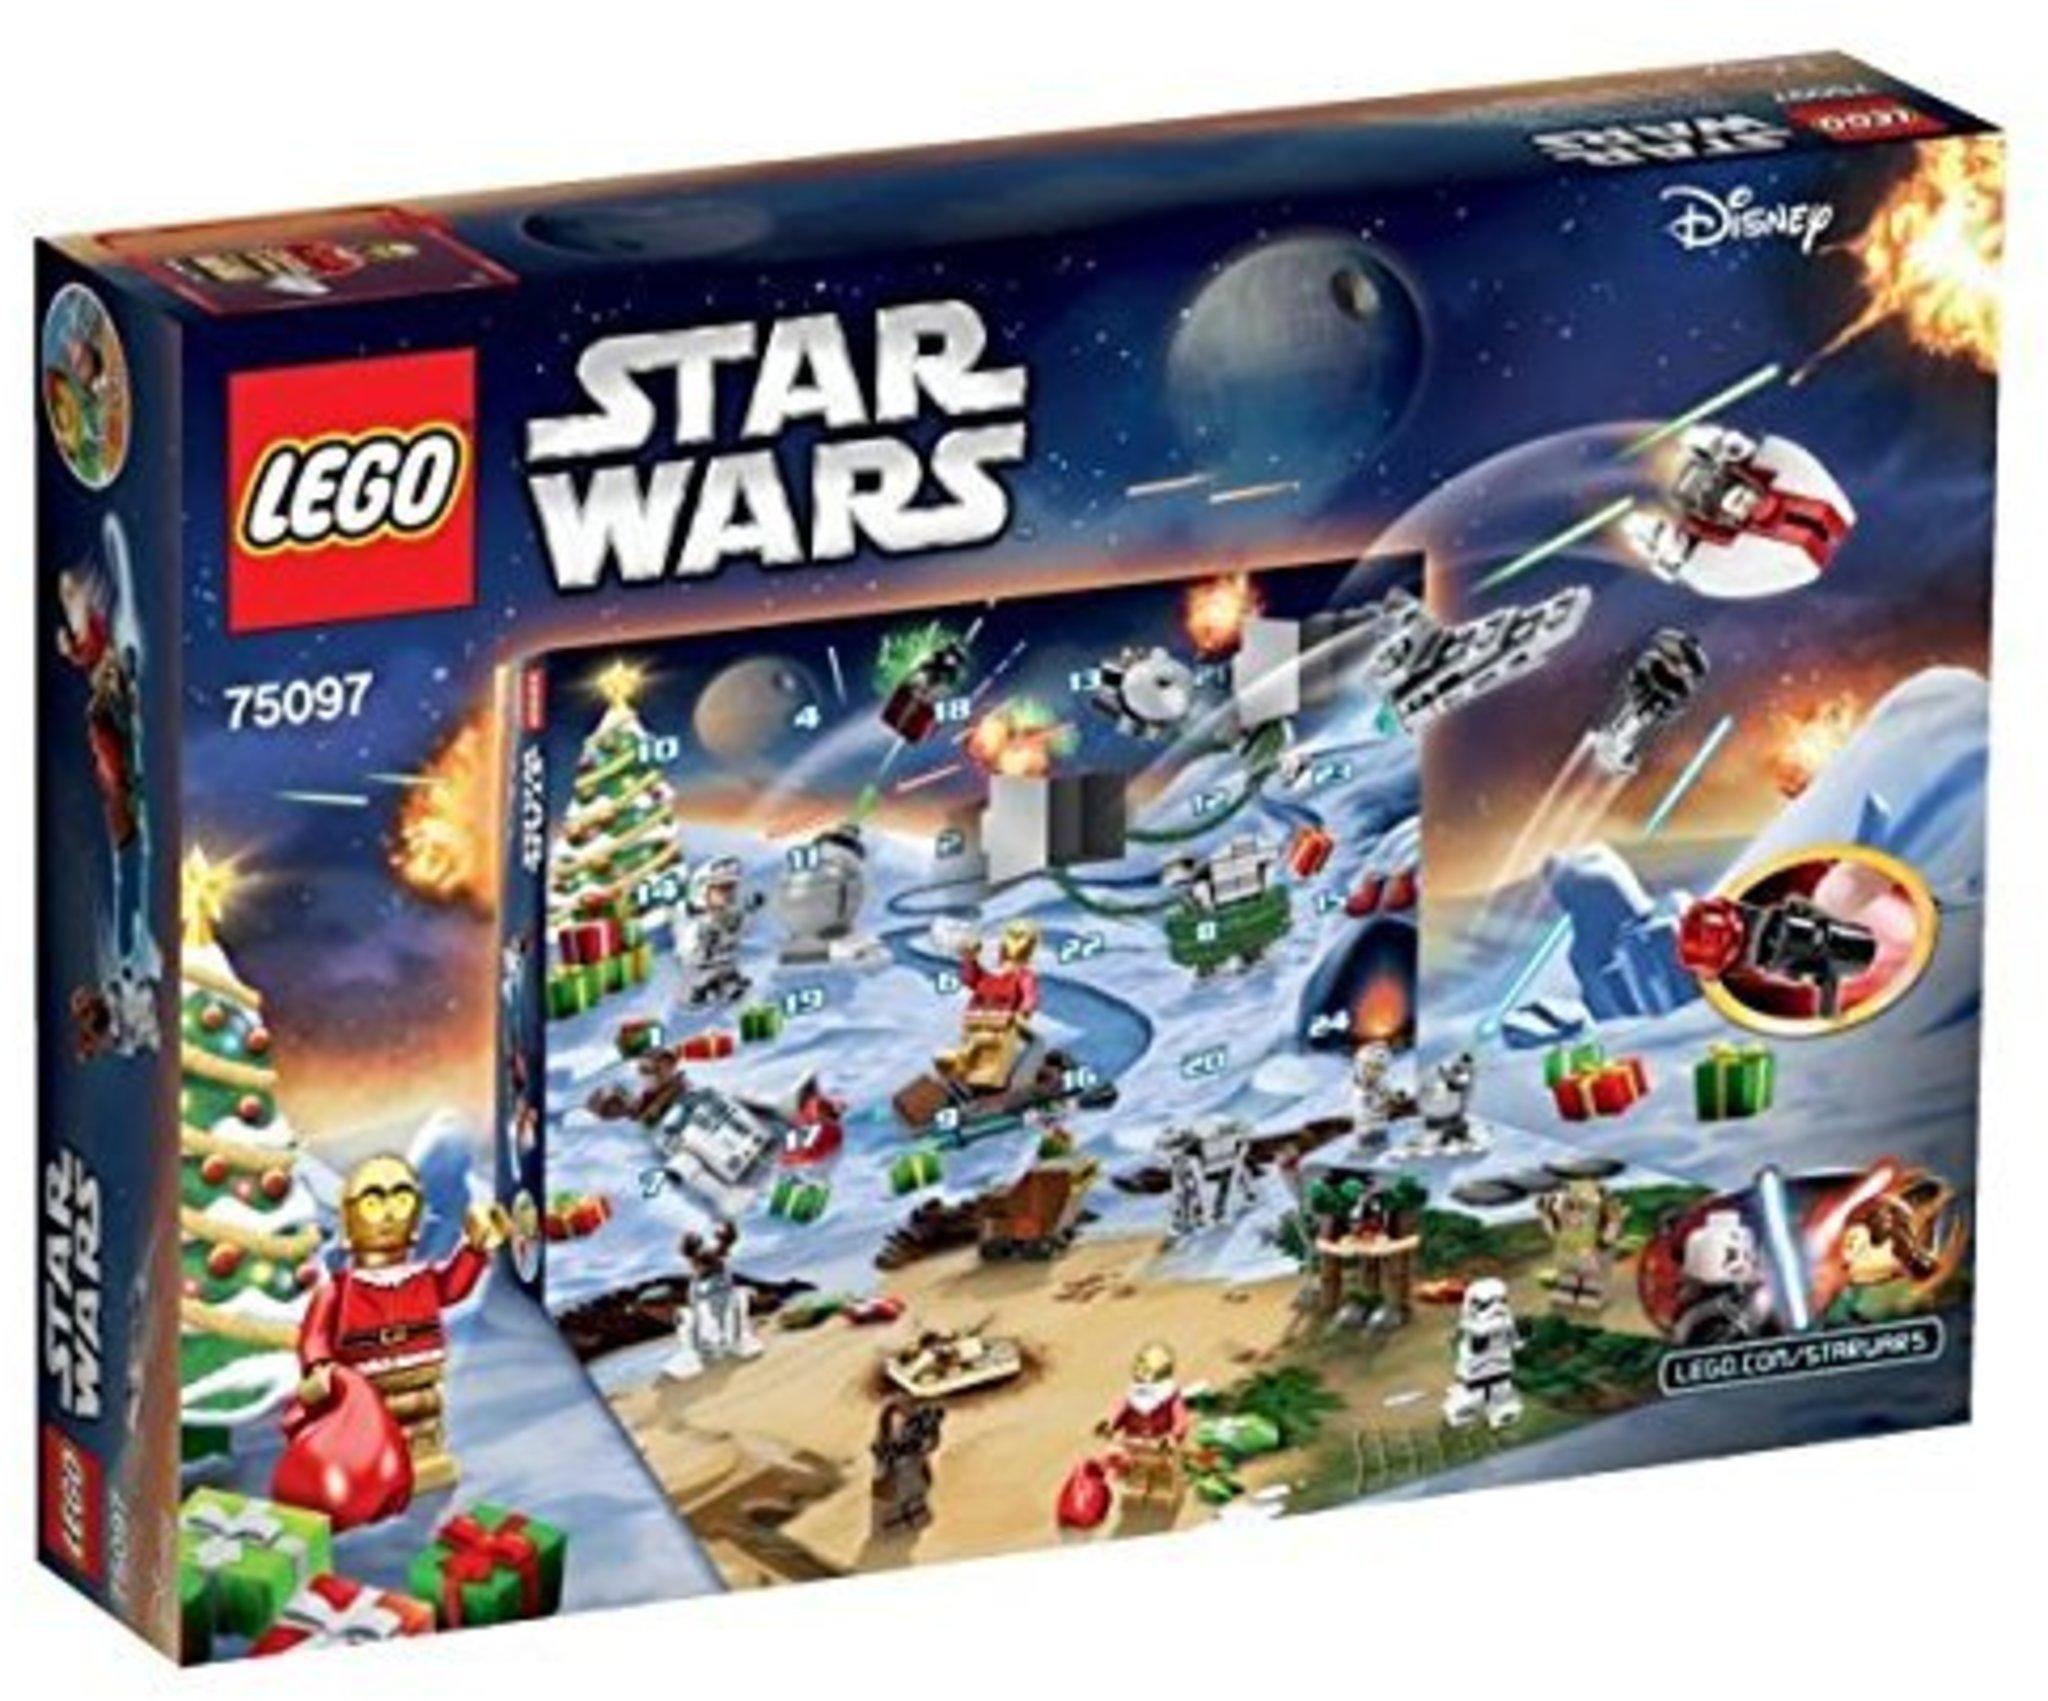 LEGO Star Wars 75097 - Calendario Dell'Avvento | Mattonito